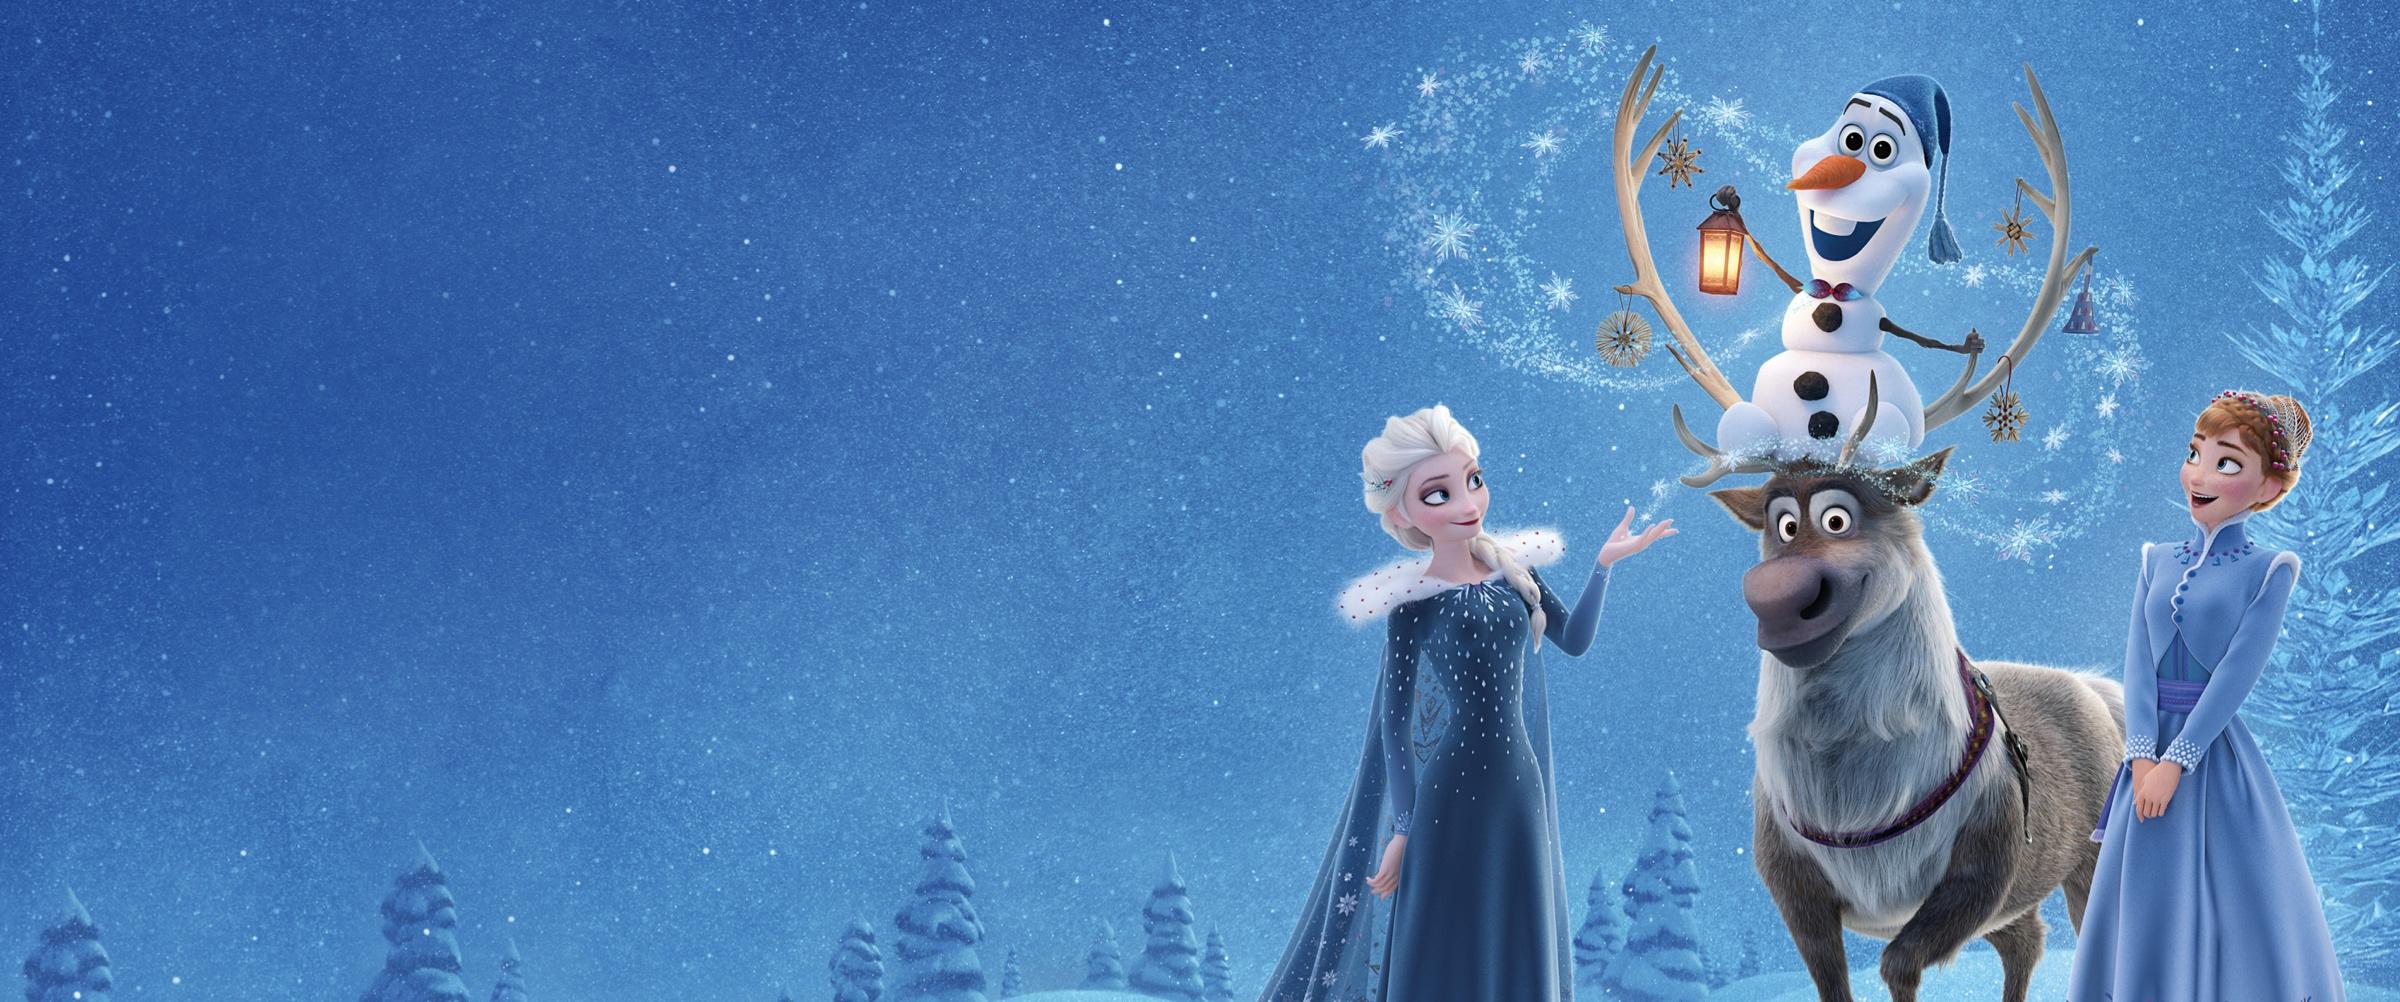 Olafs Frozen Adventure Fondo De Pantalla And Fondo De